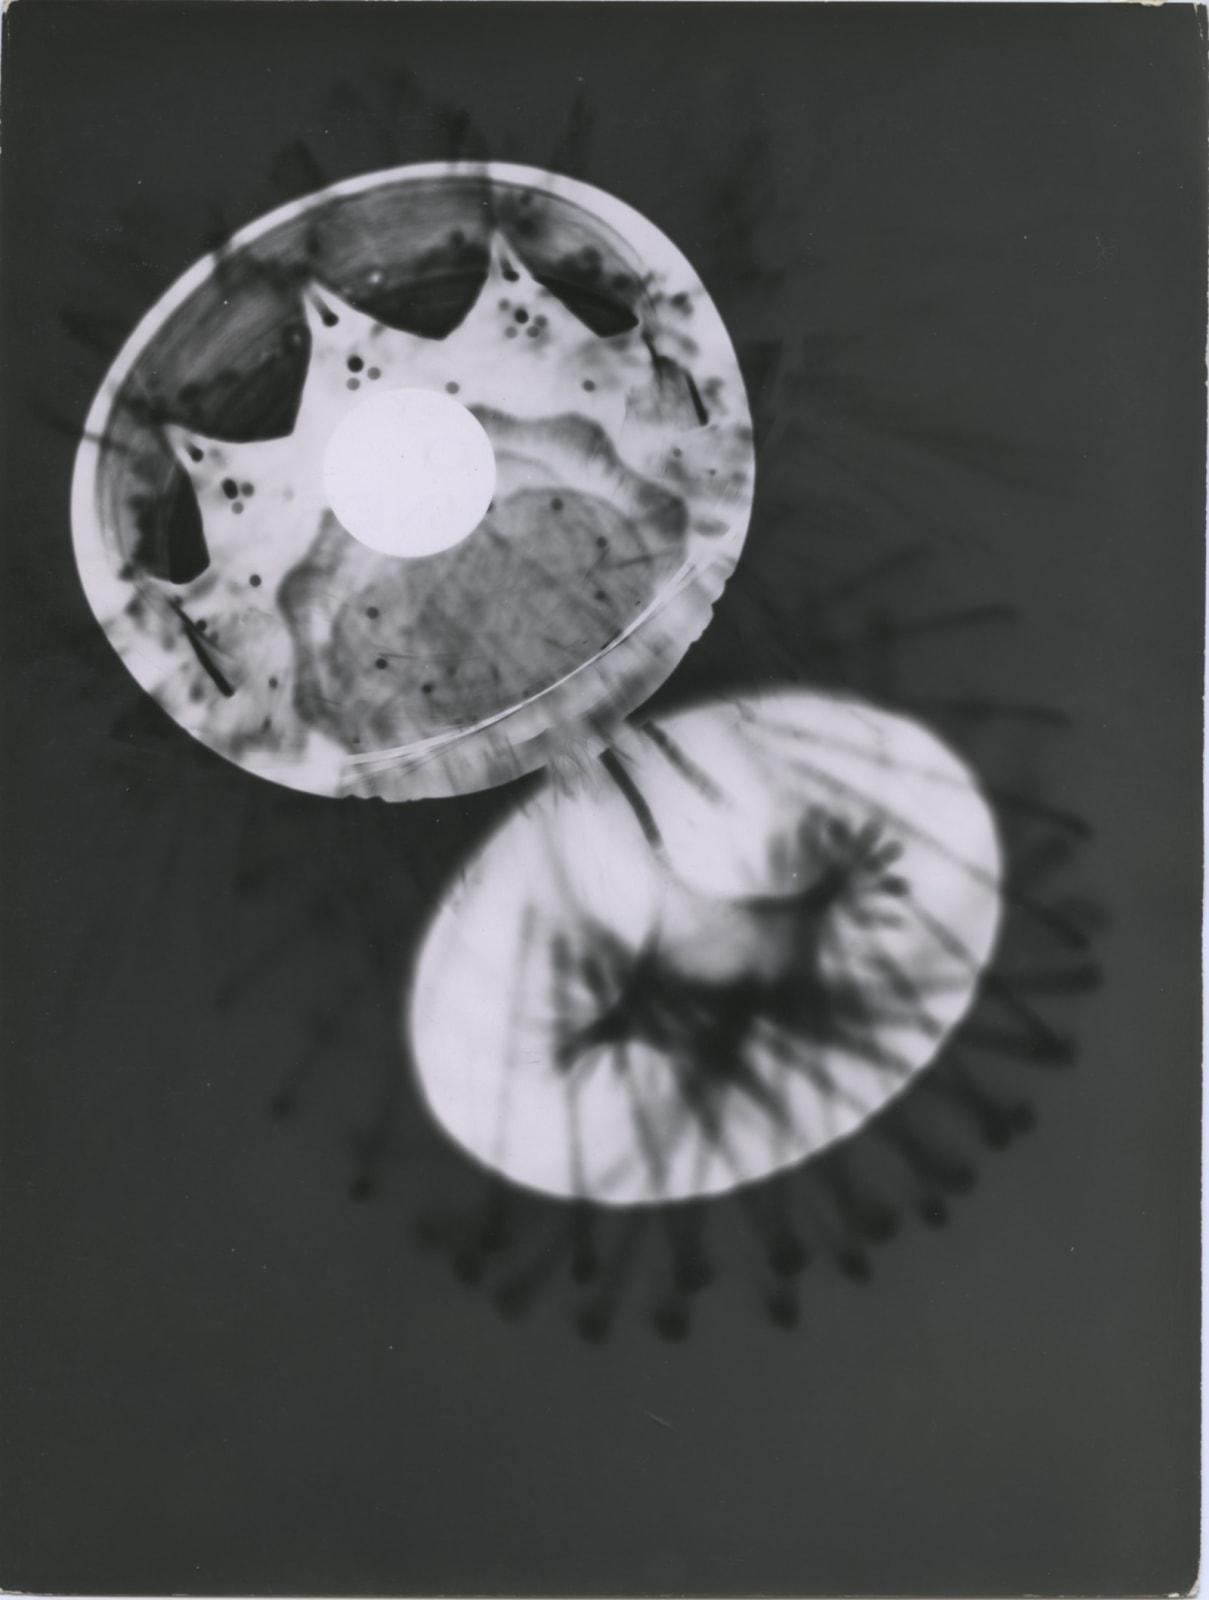 André Steiner Étude expérimentale Tirage gélatino-argentique d'époque 24 x 18,1 cm Dim. papier: 24 x 18,1 cm